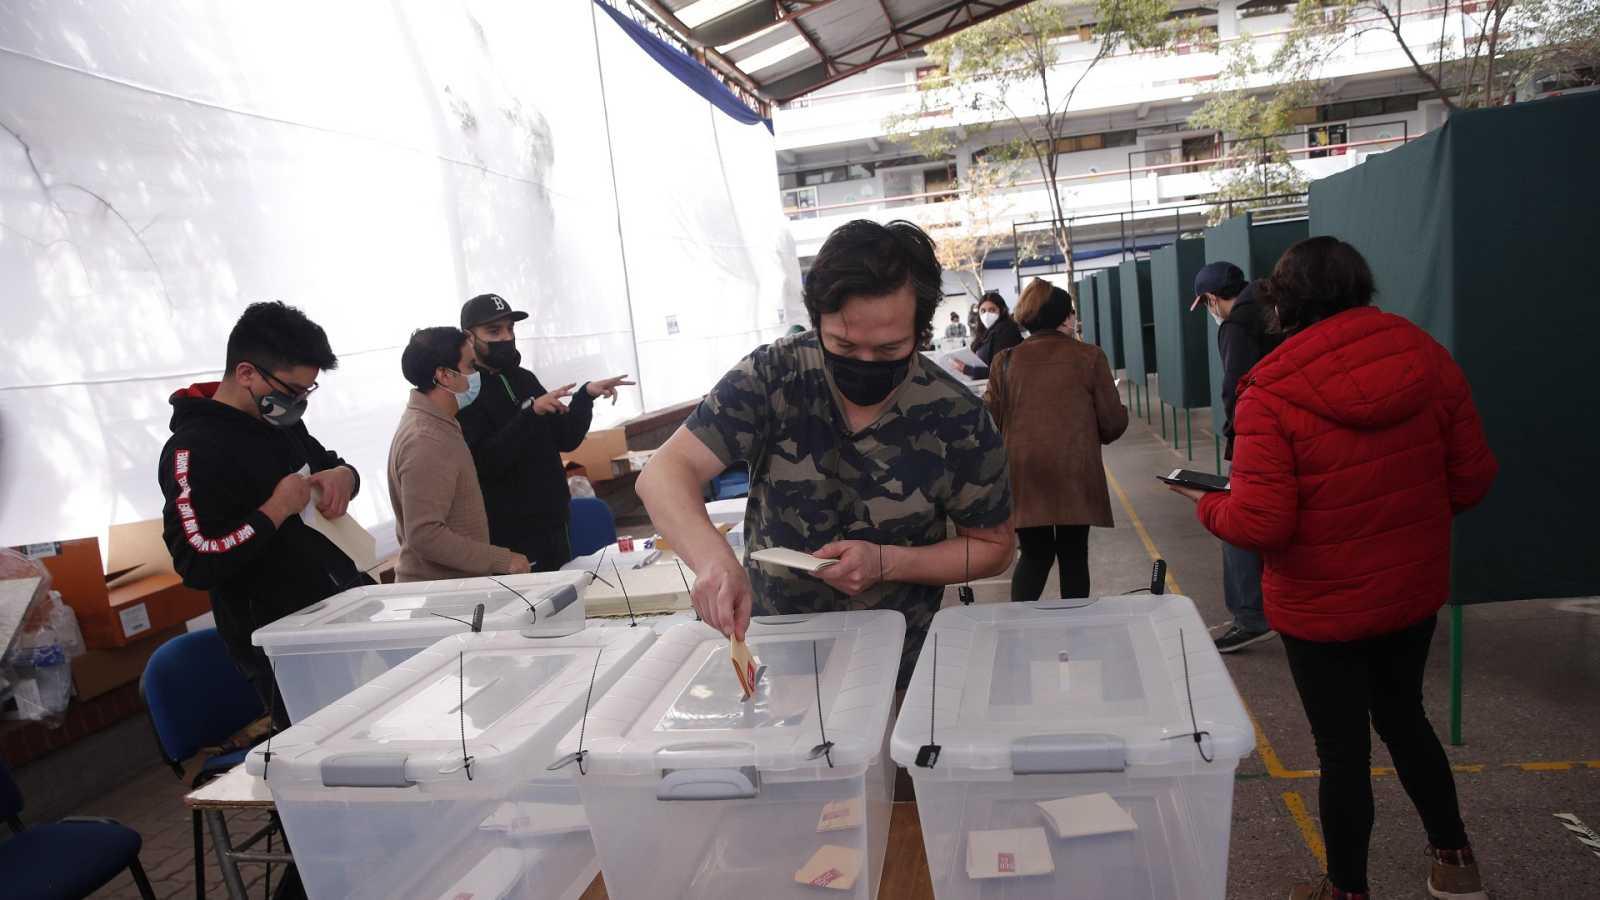 Los chilenos votan para elegir a las 155 personas que redactarán la nueva Constitución